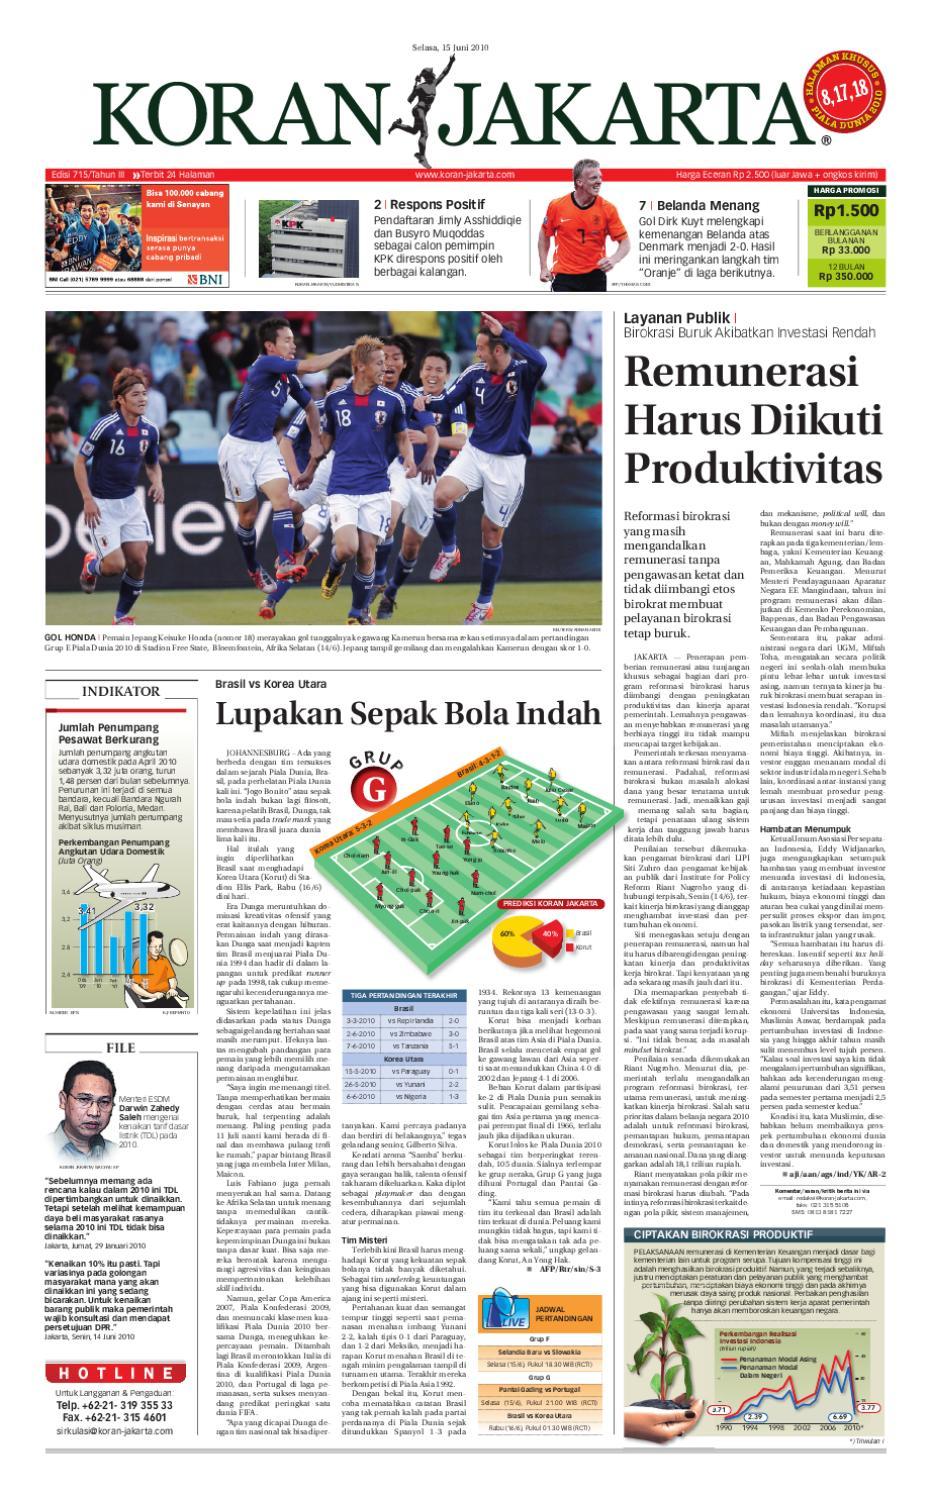 Edisi 715 15 Juni 2010 By Pt Berita Nusantara Issuu Produk Ukm Bumn Wisata Mewah Bali 3hr 2mlm